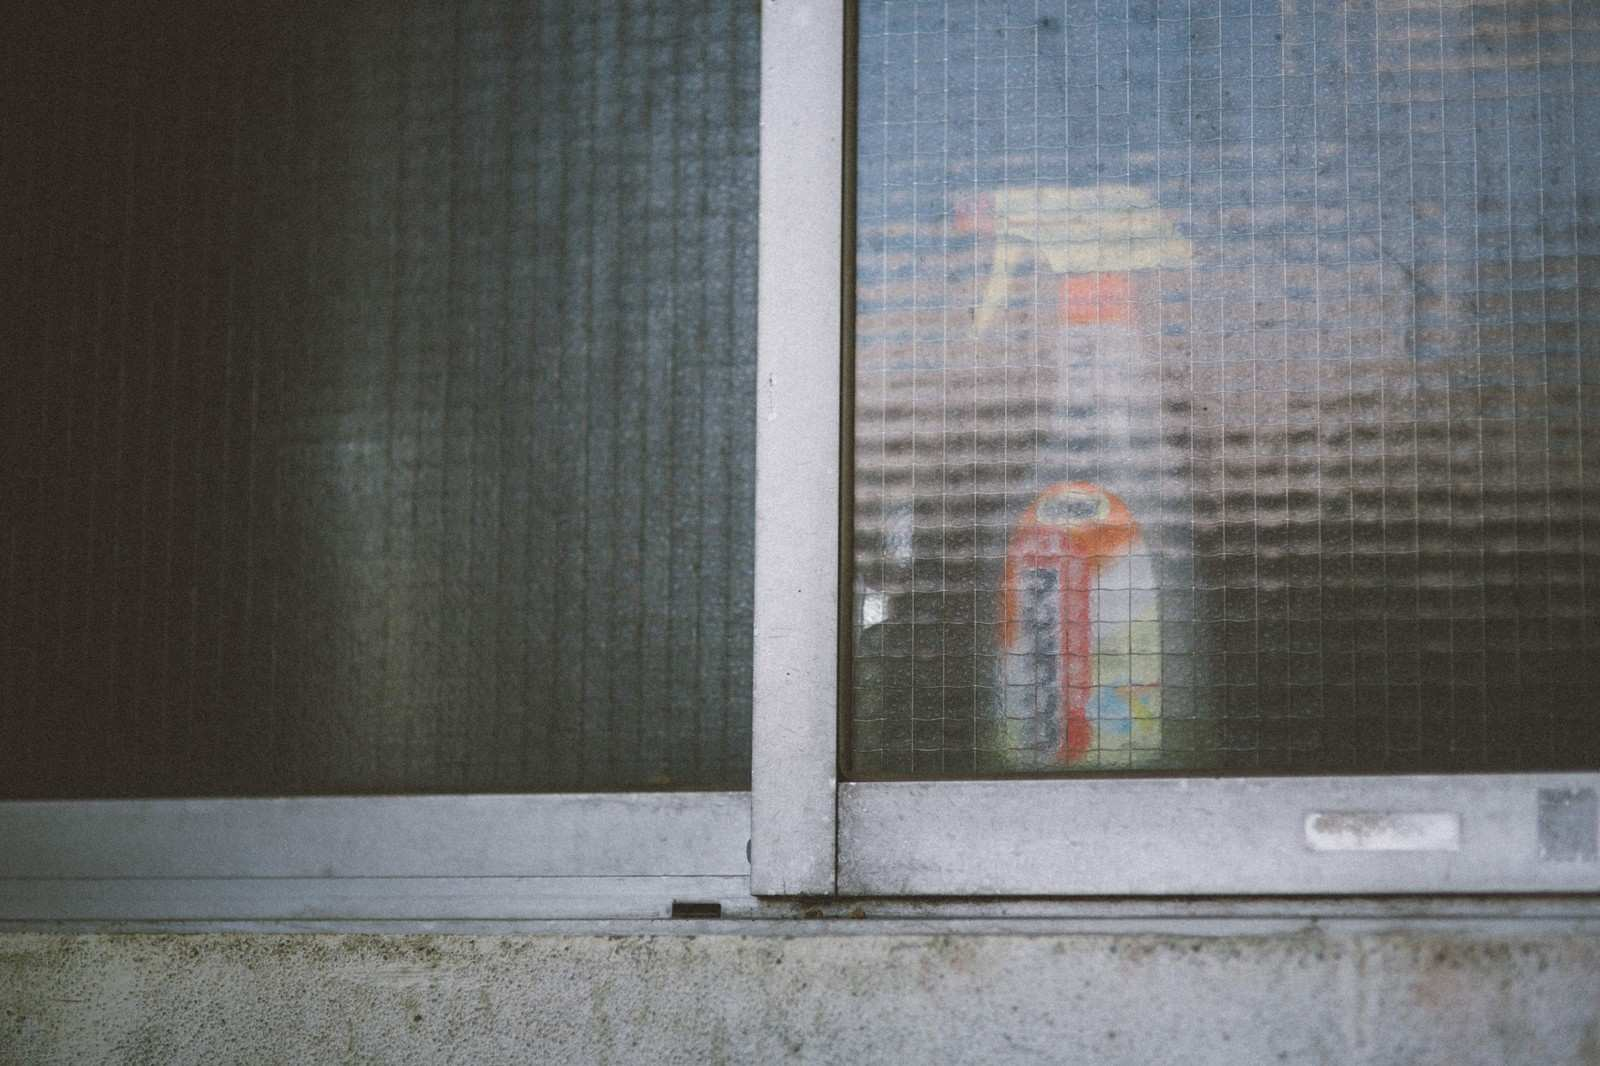 『ストーカーのいるアパート』|【狂気】人間の本当にあった怖い話